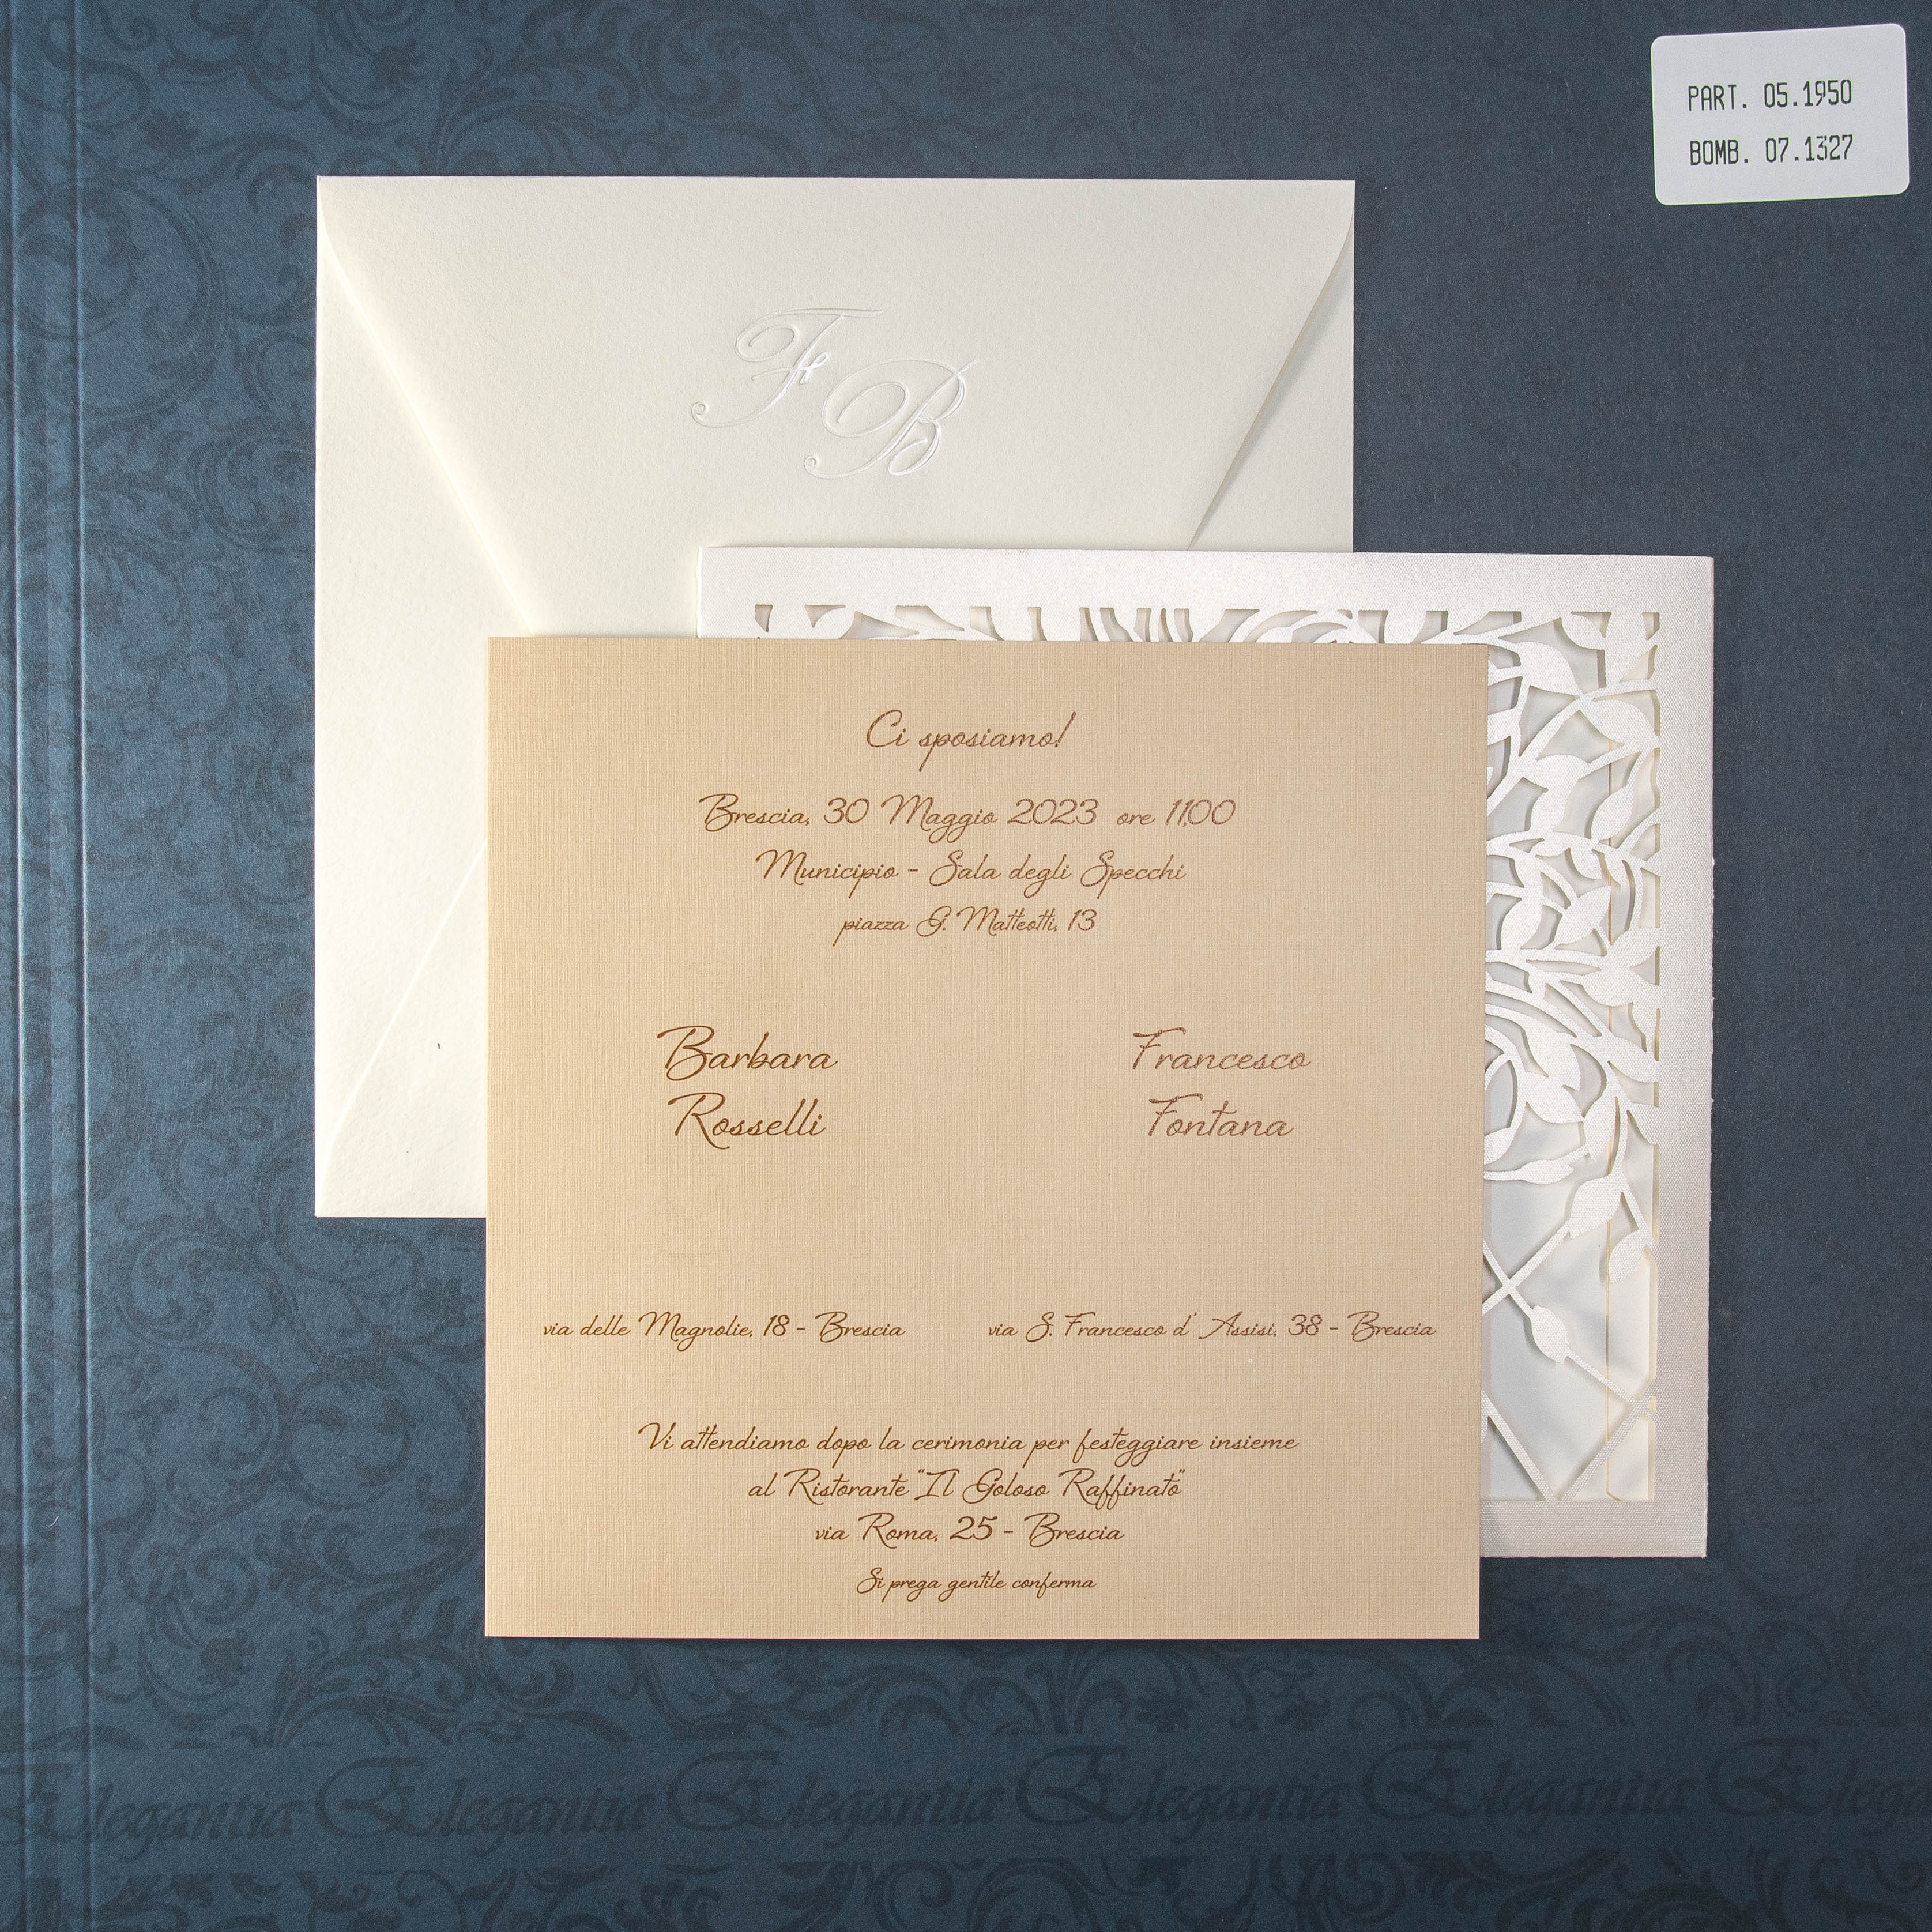 partecipazione di matrimonio 05-1950 Lasercut